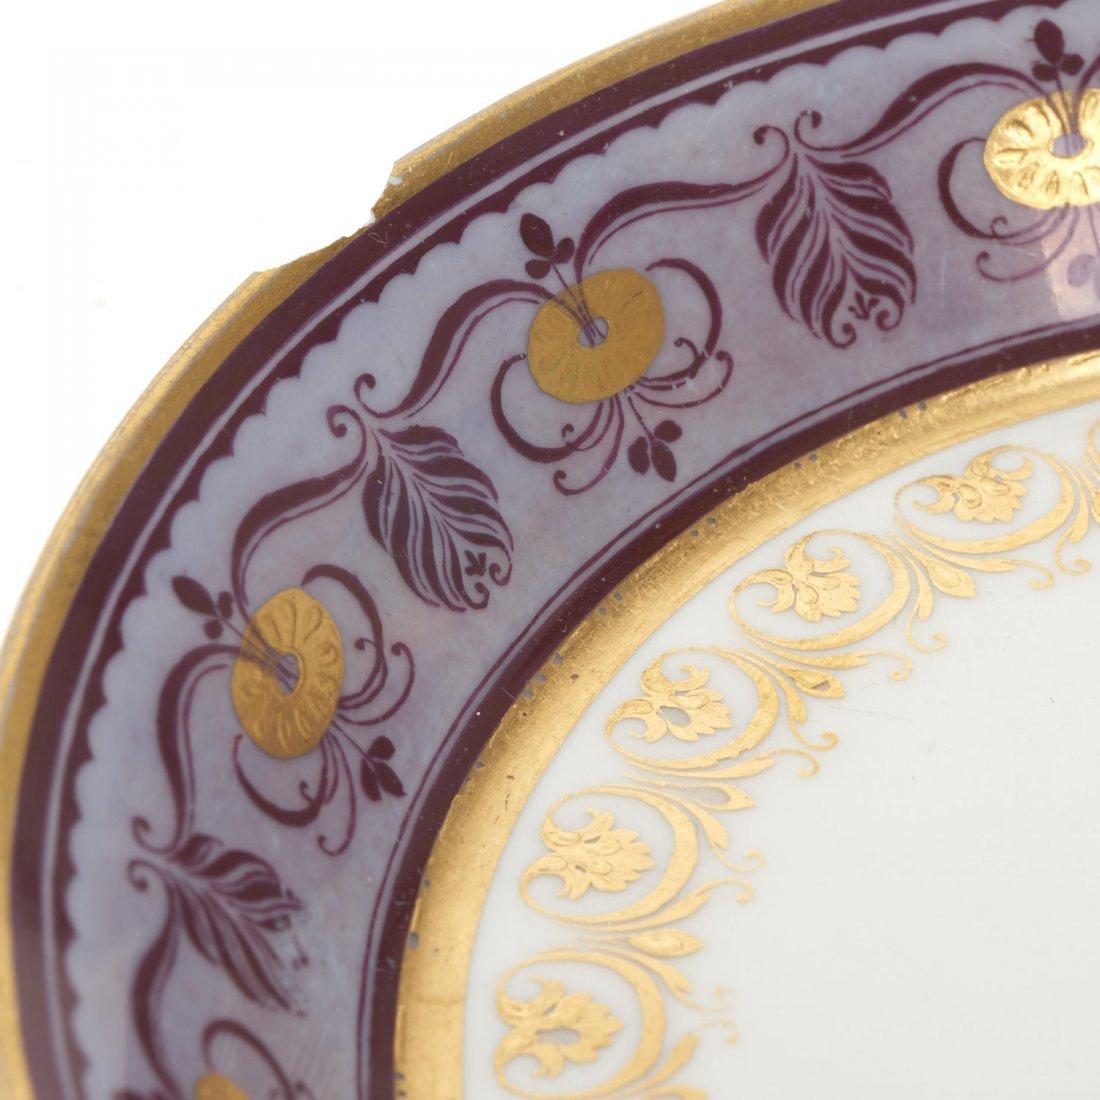 (3) Royal Vienna porcelain teacups/saucers - 7